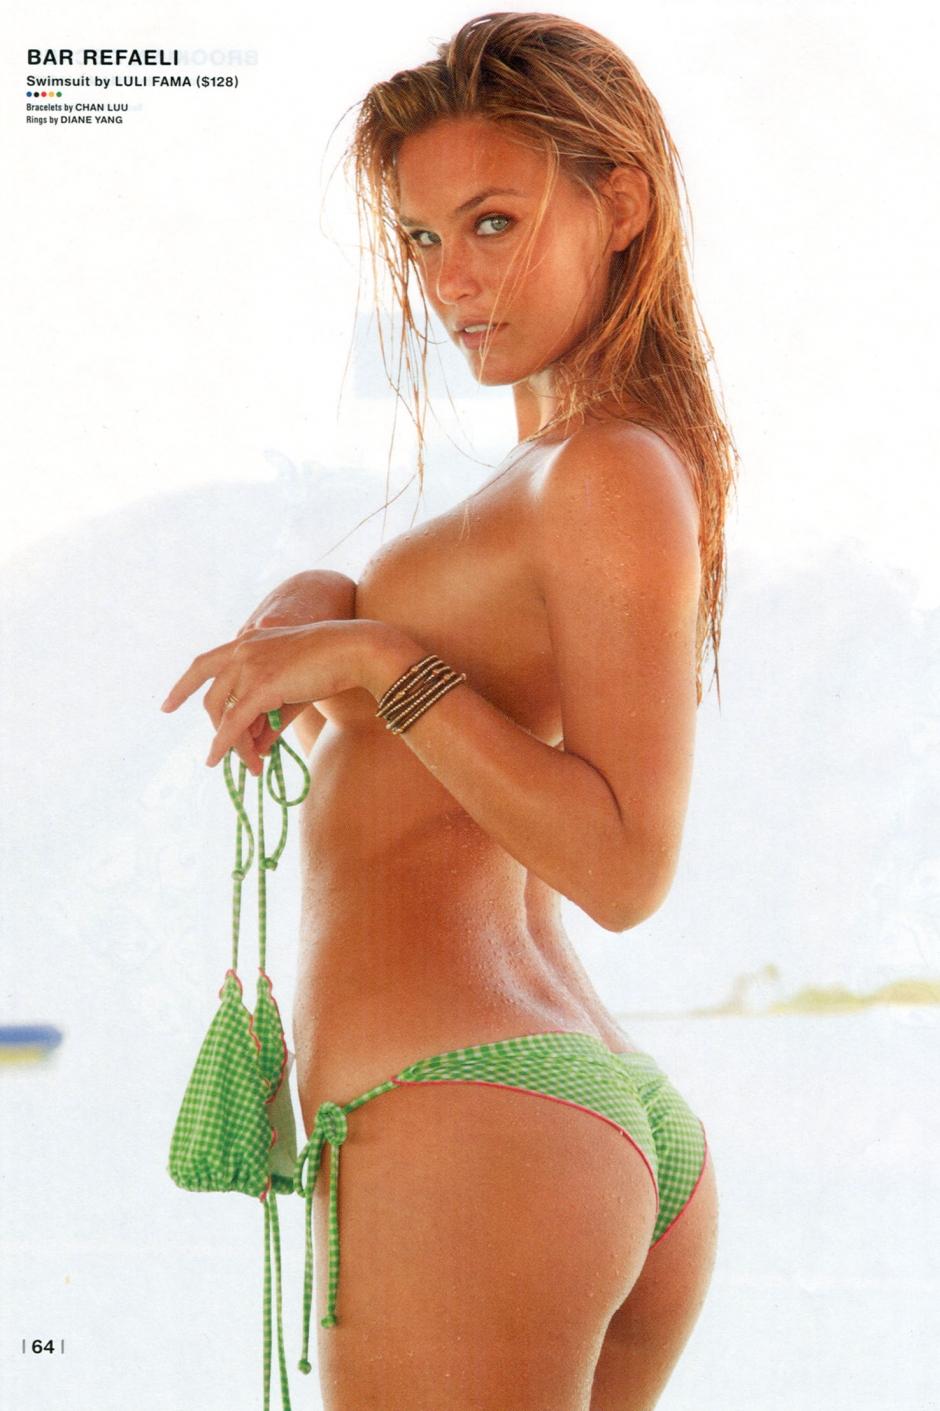 Bar Refaeli Nude